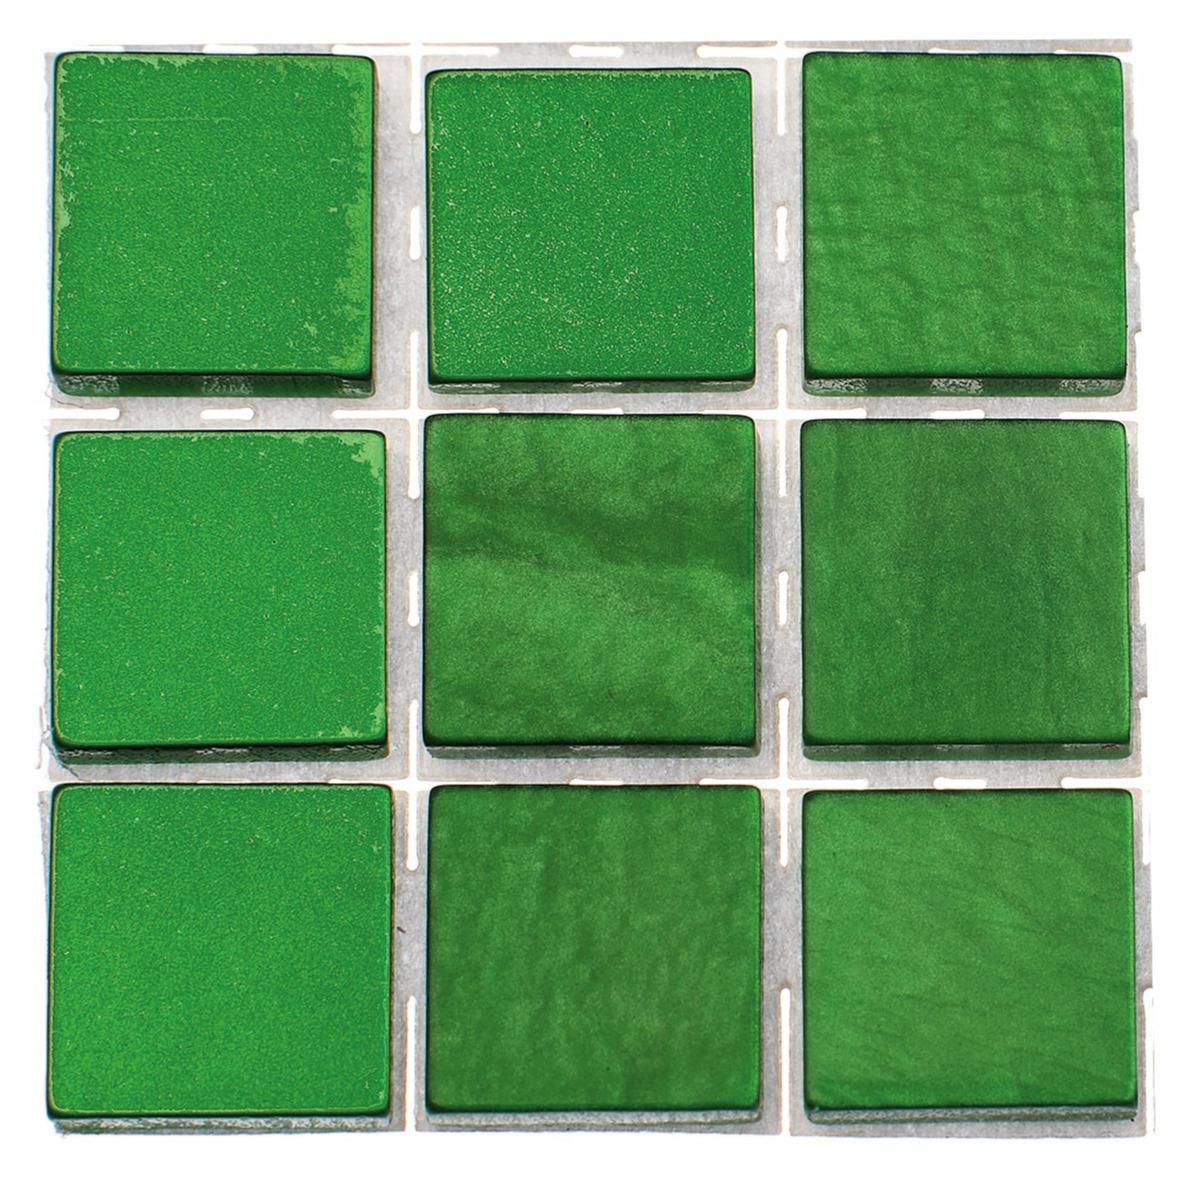 63x stuks mozaieken maken steentjes-tegels kleur groen 10 x 10 x 2 mm